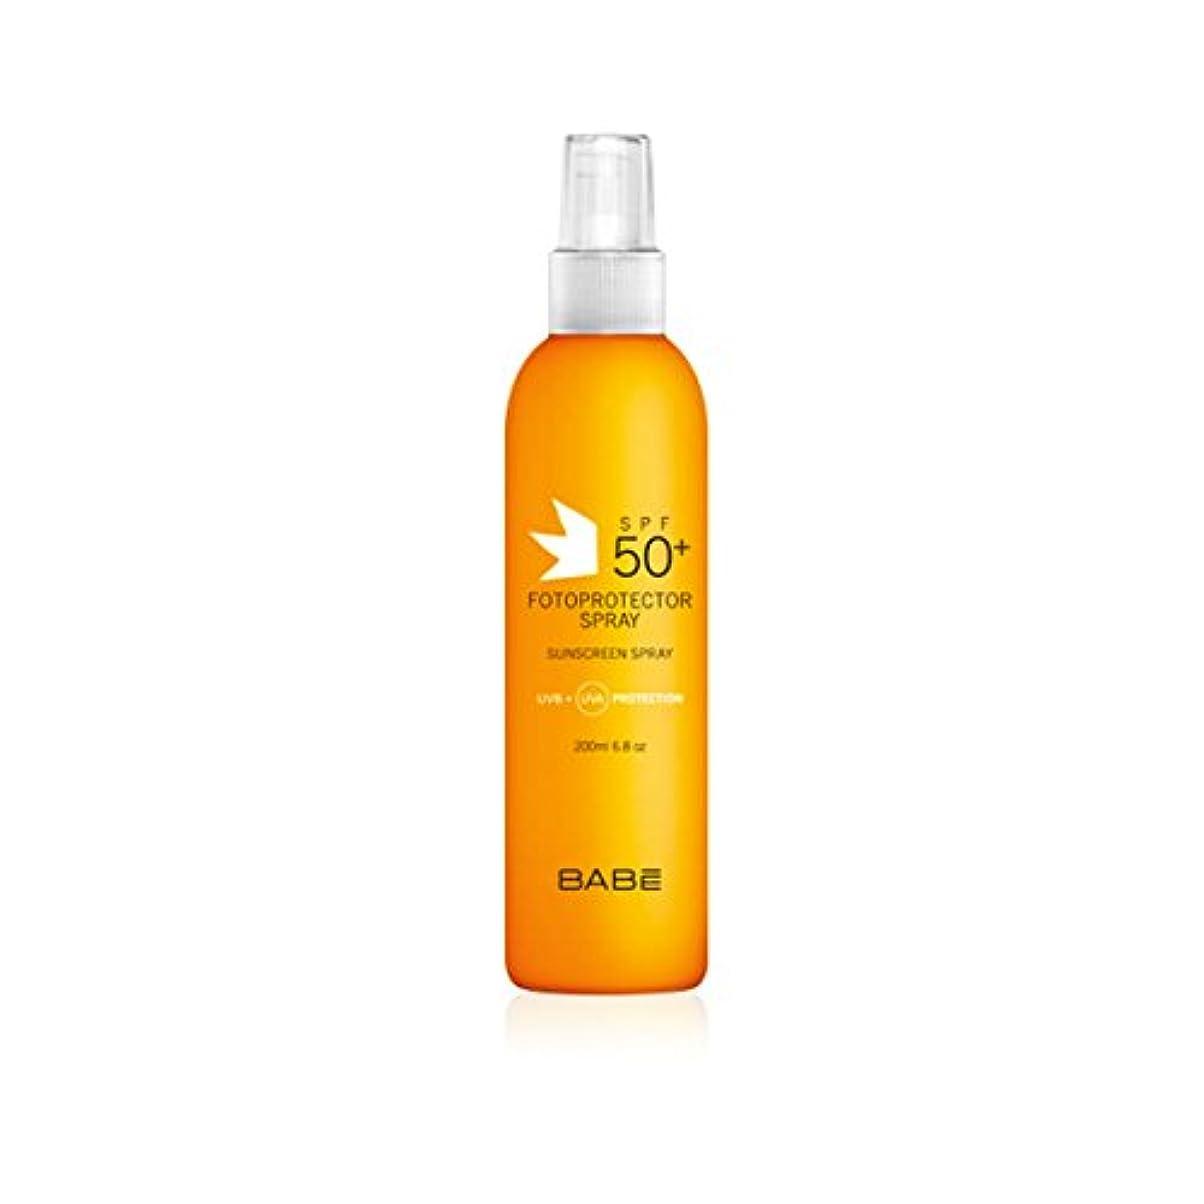 カレッジテクトニック弾力性のあるBabe Sunscreen Spray Spf50+ 200ml [並行輸入品]